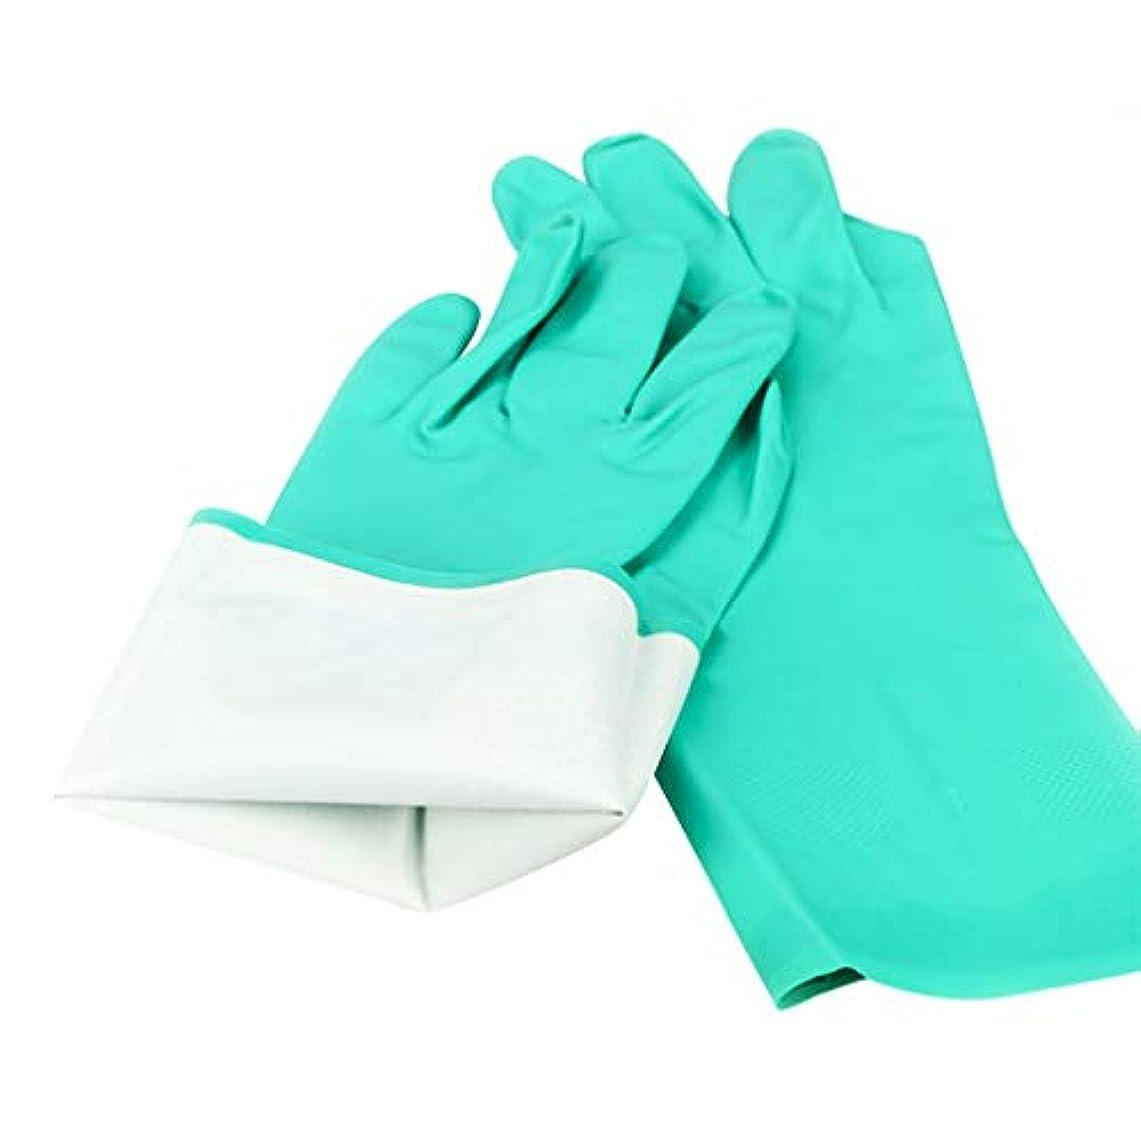 苦しむハブブトリプル5ペア耐油性ニトリルゴム手袋 - 耐摩耗性耐油性滑り止め安全衛生丈夫な工業用保護 YANW (色 : 緑, サイズ さいず : L l)